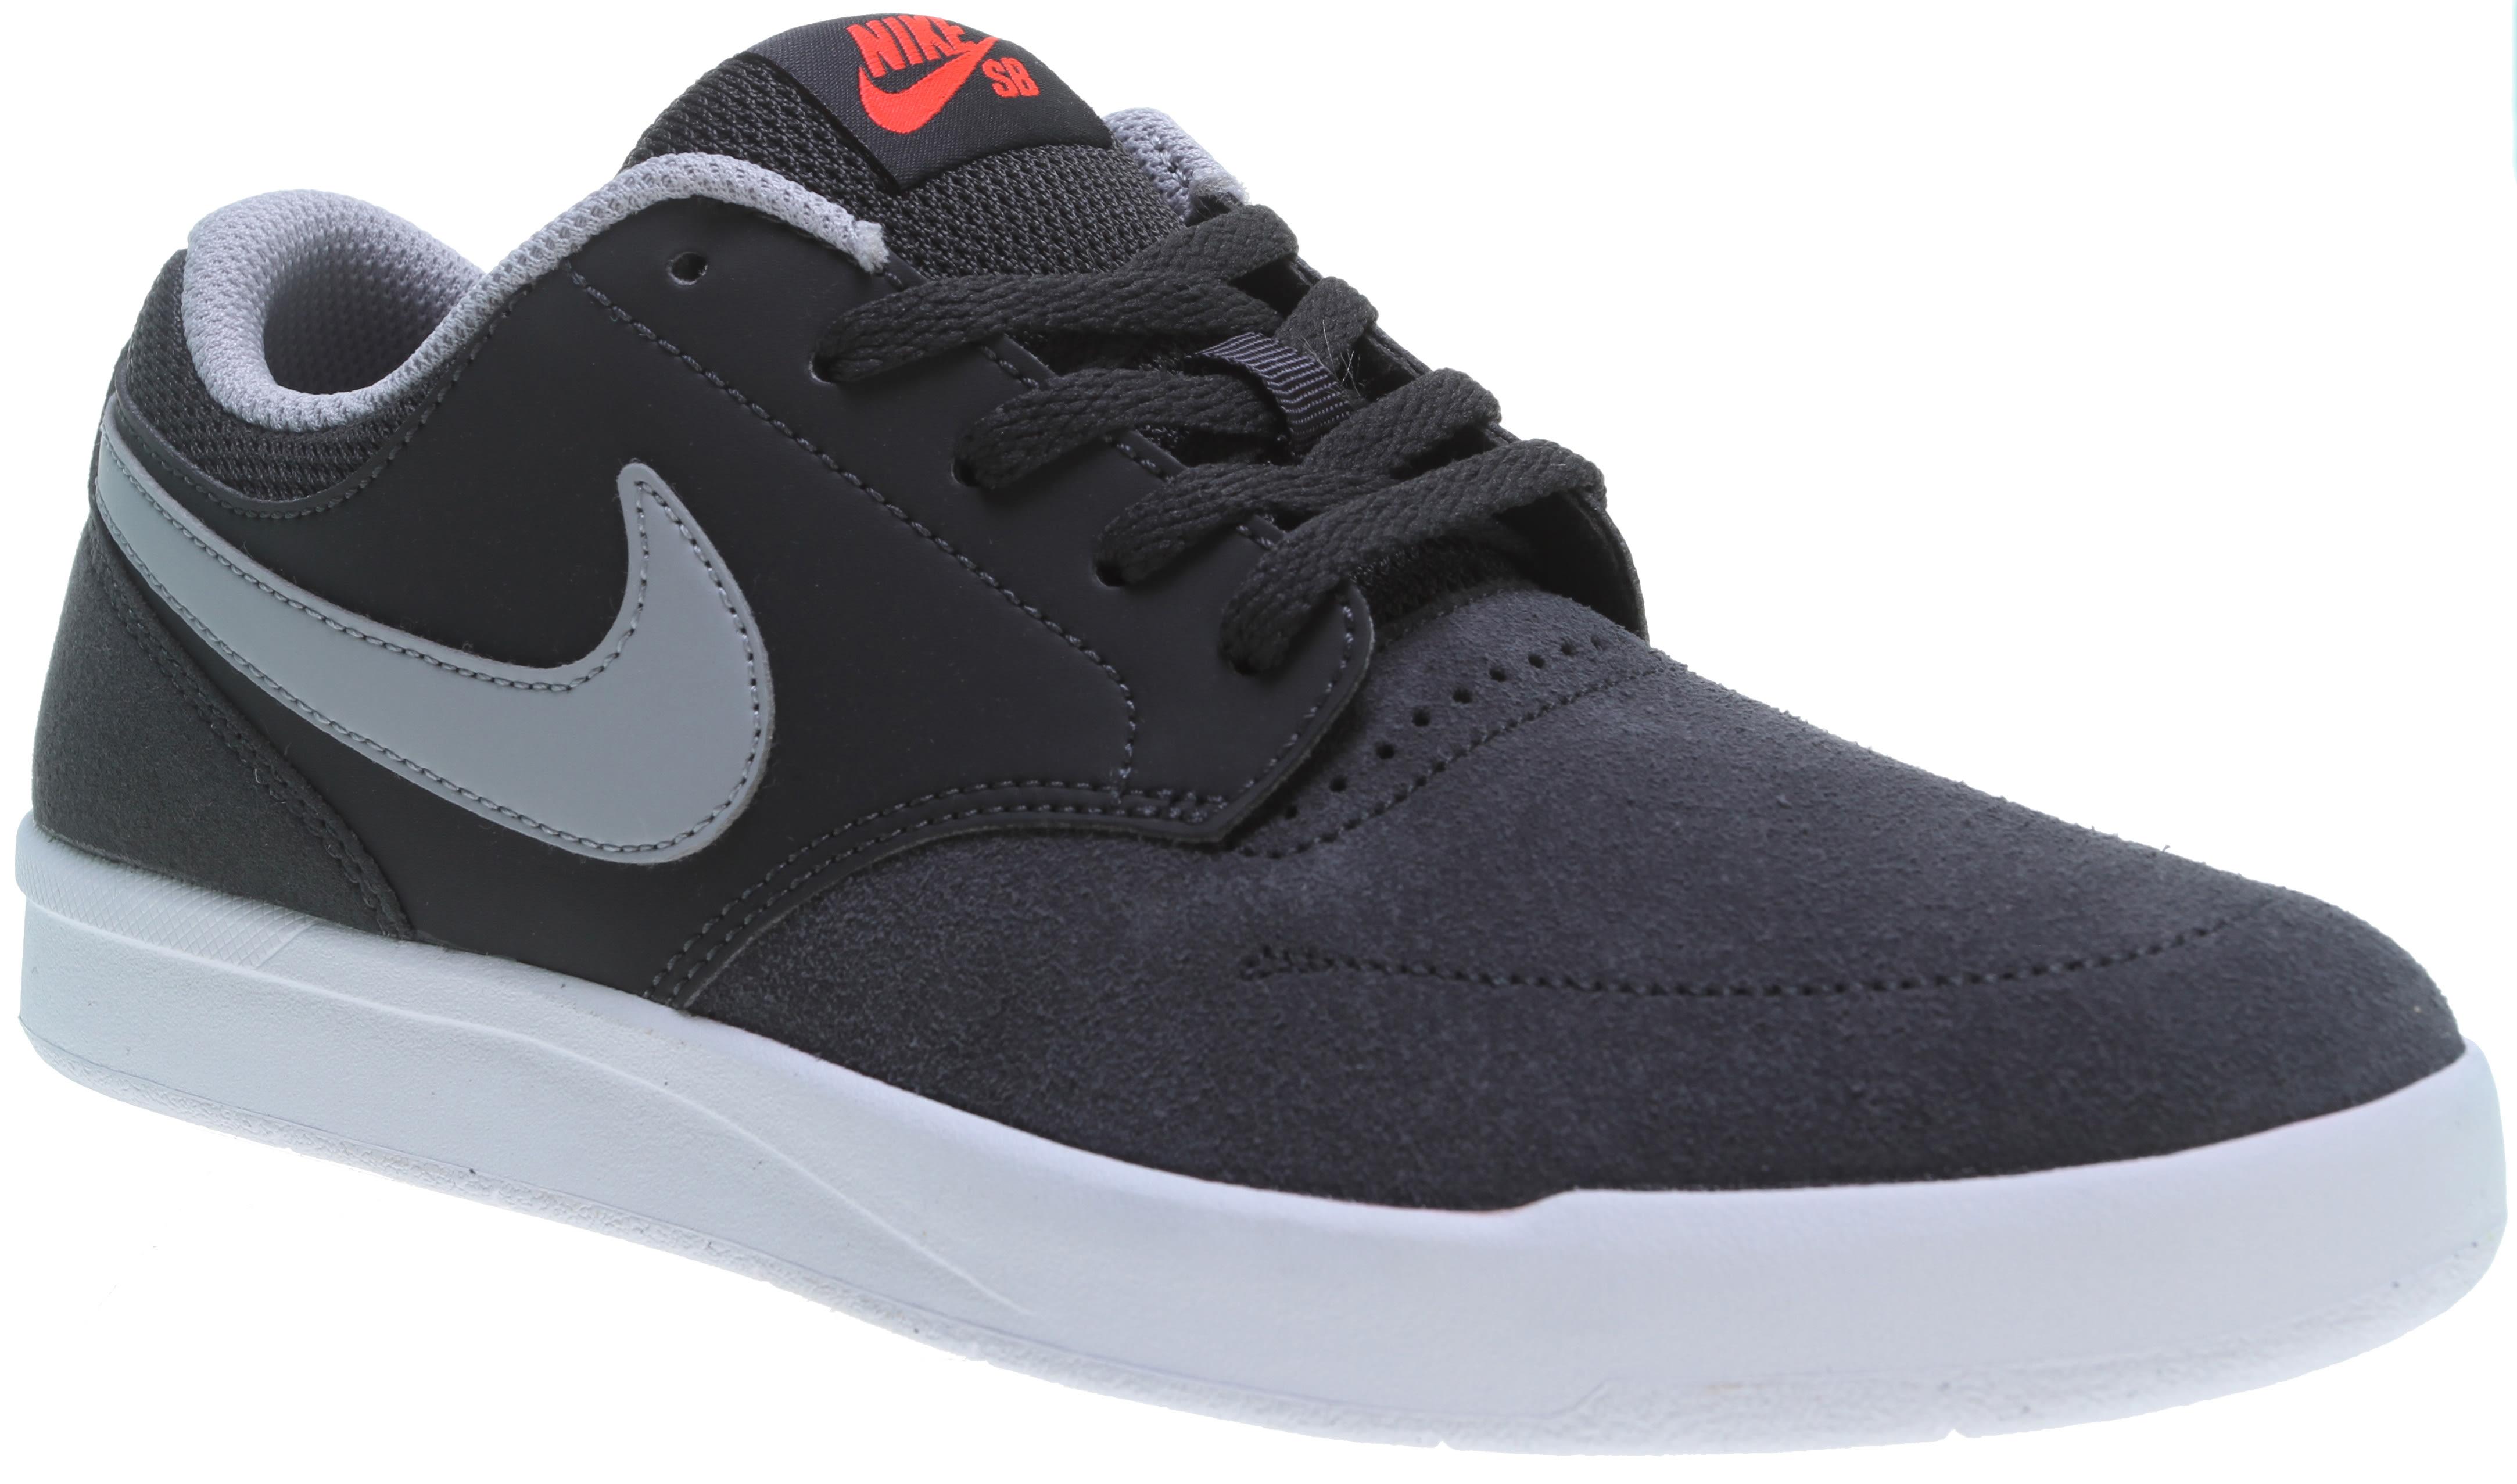 Nike skate shoes youth - Nike Sb Fokus Gs Skate Shoes Thumbnail 2